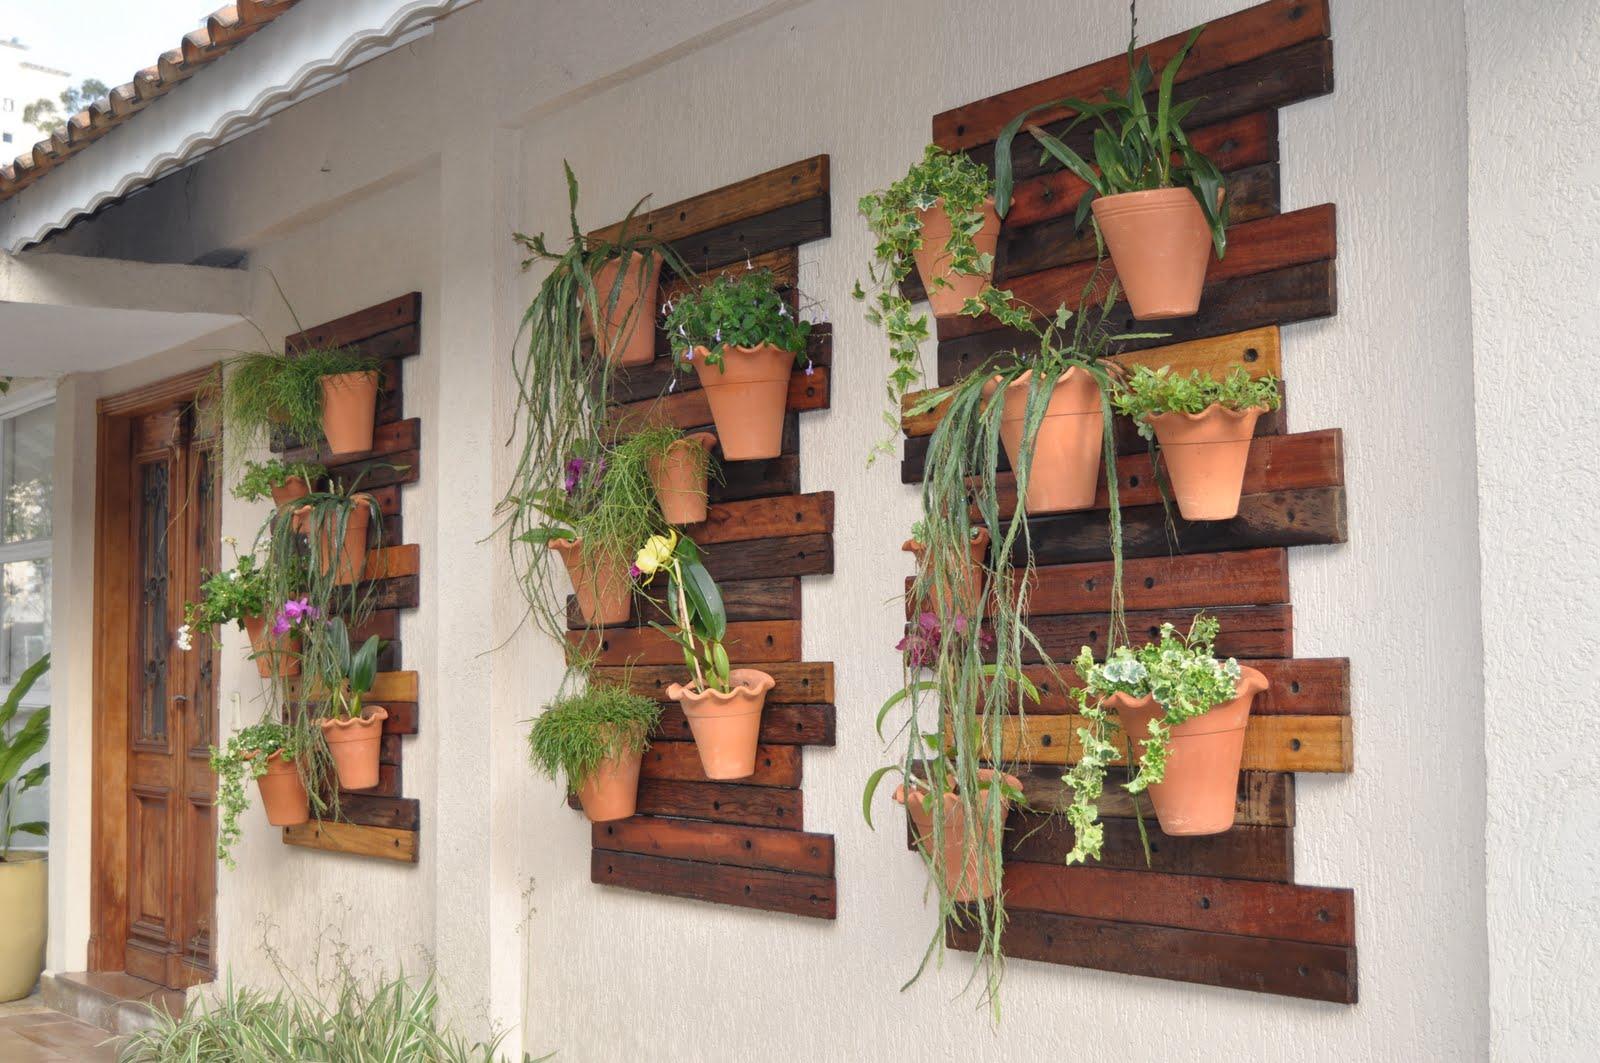 Fotos de jardins suspensos e verticais